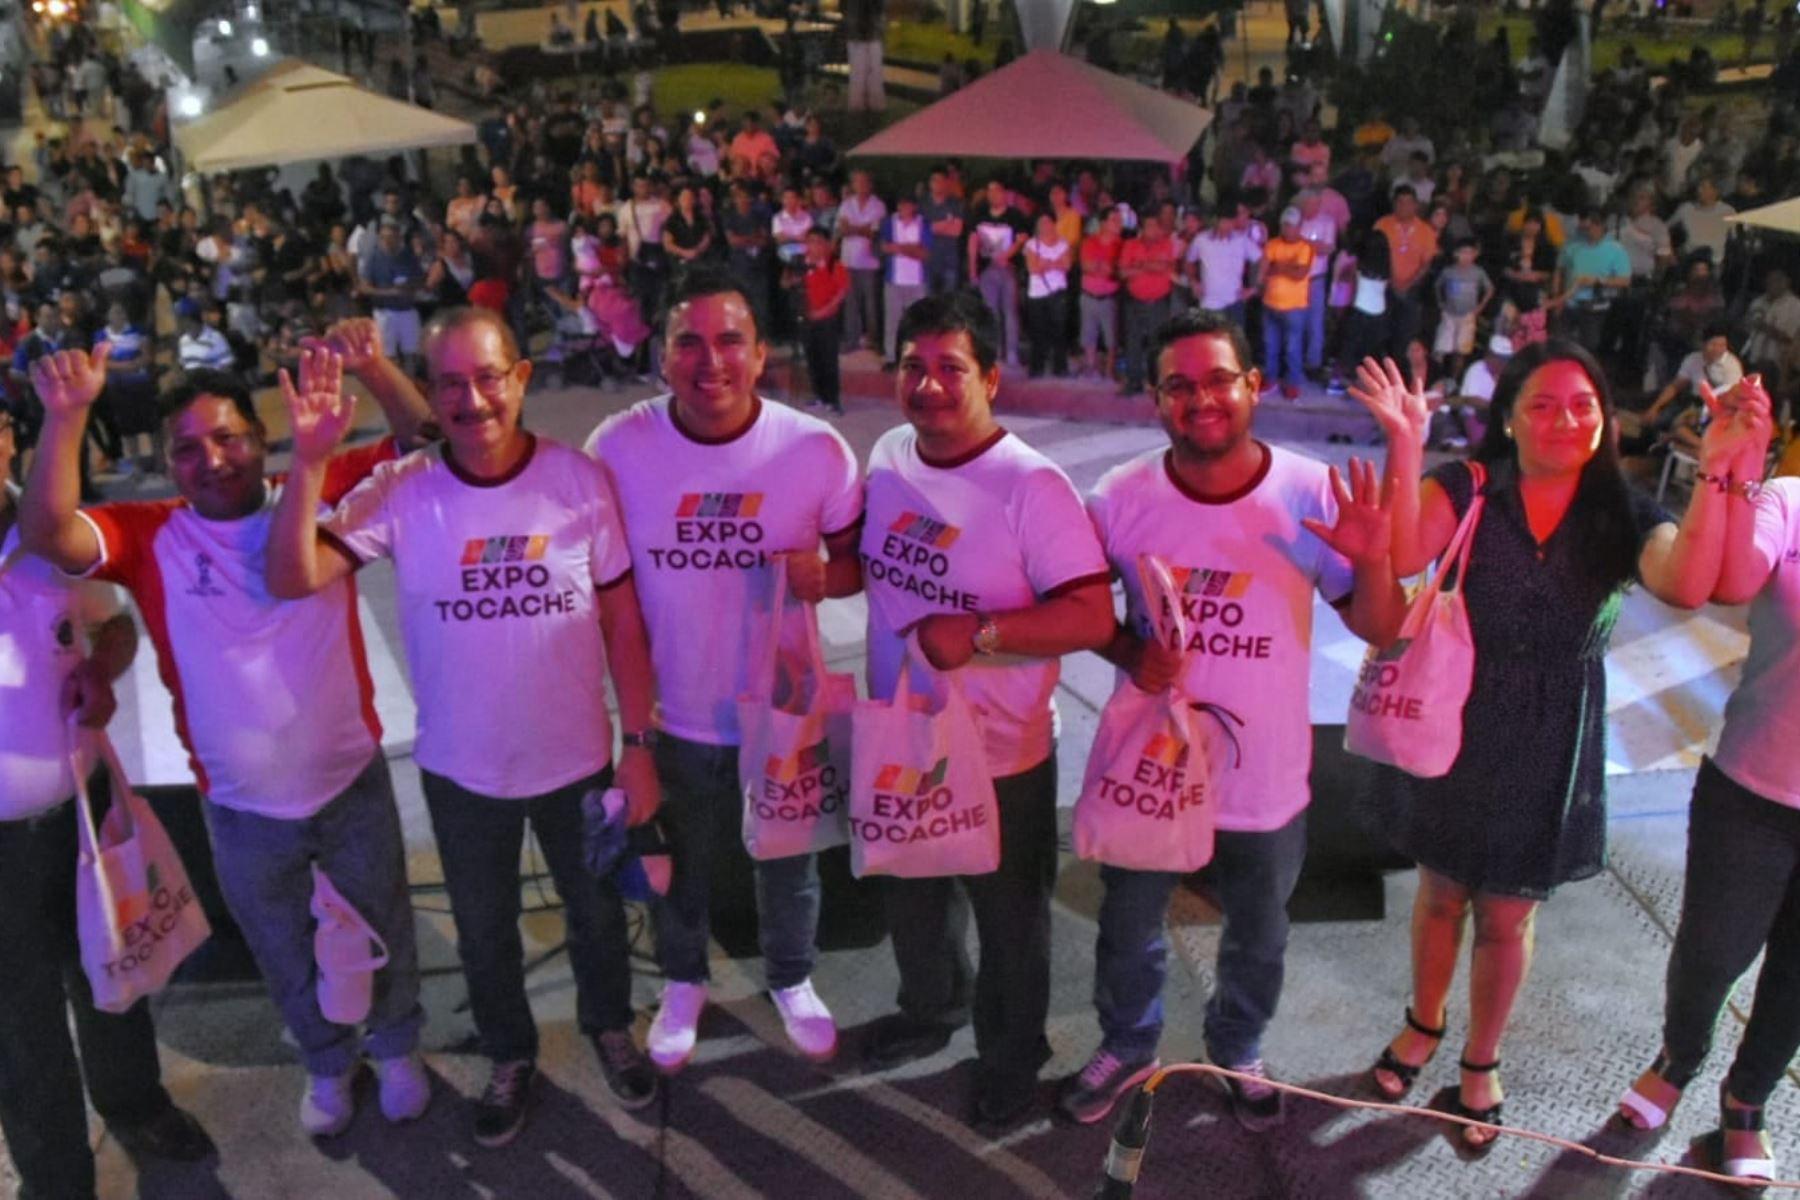 Feria Expo Tocache, en San Martín, fue un éxito al lograr compromisos de negocios por S/ 500,000.